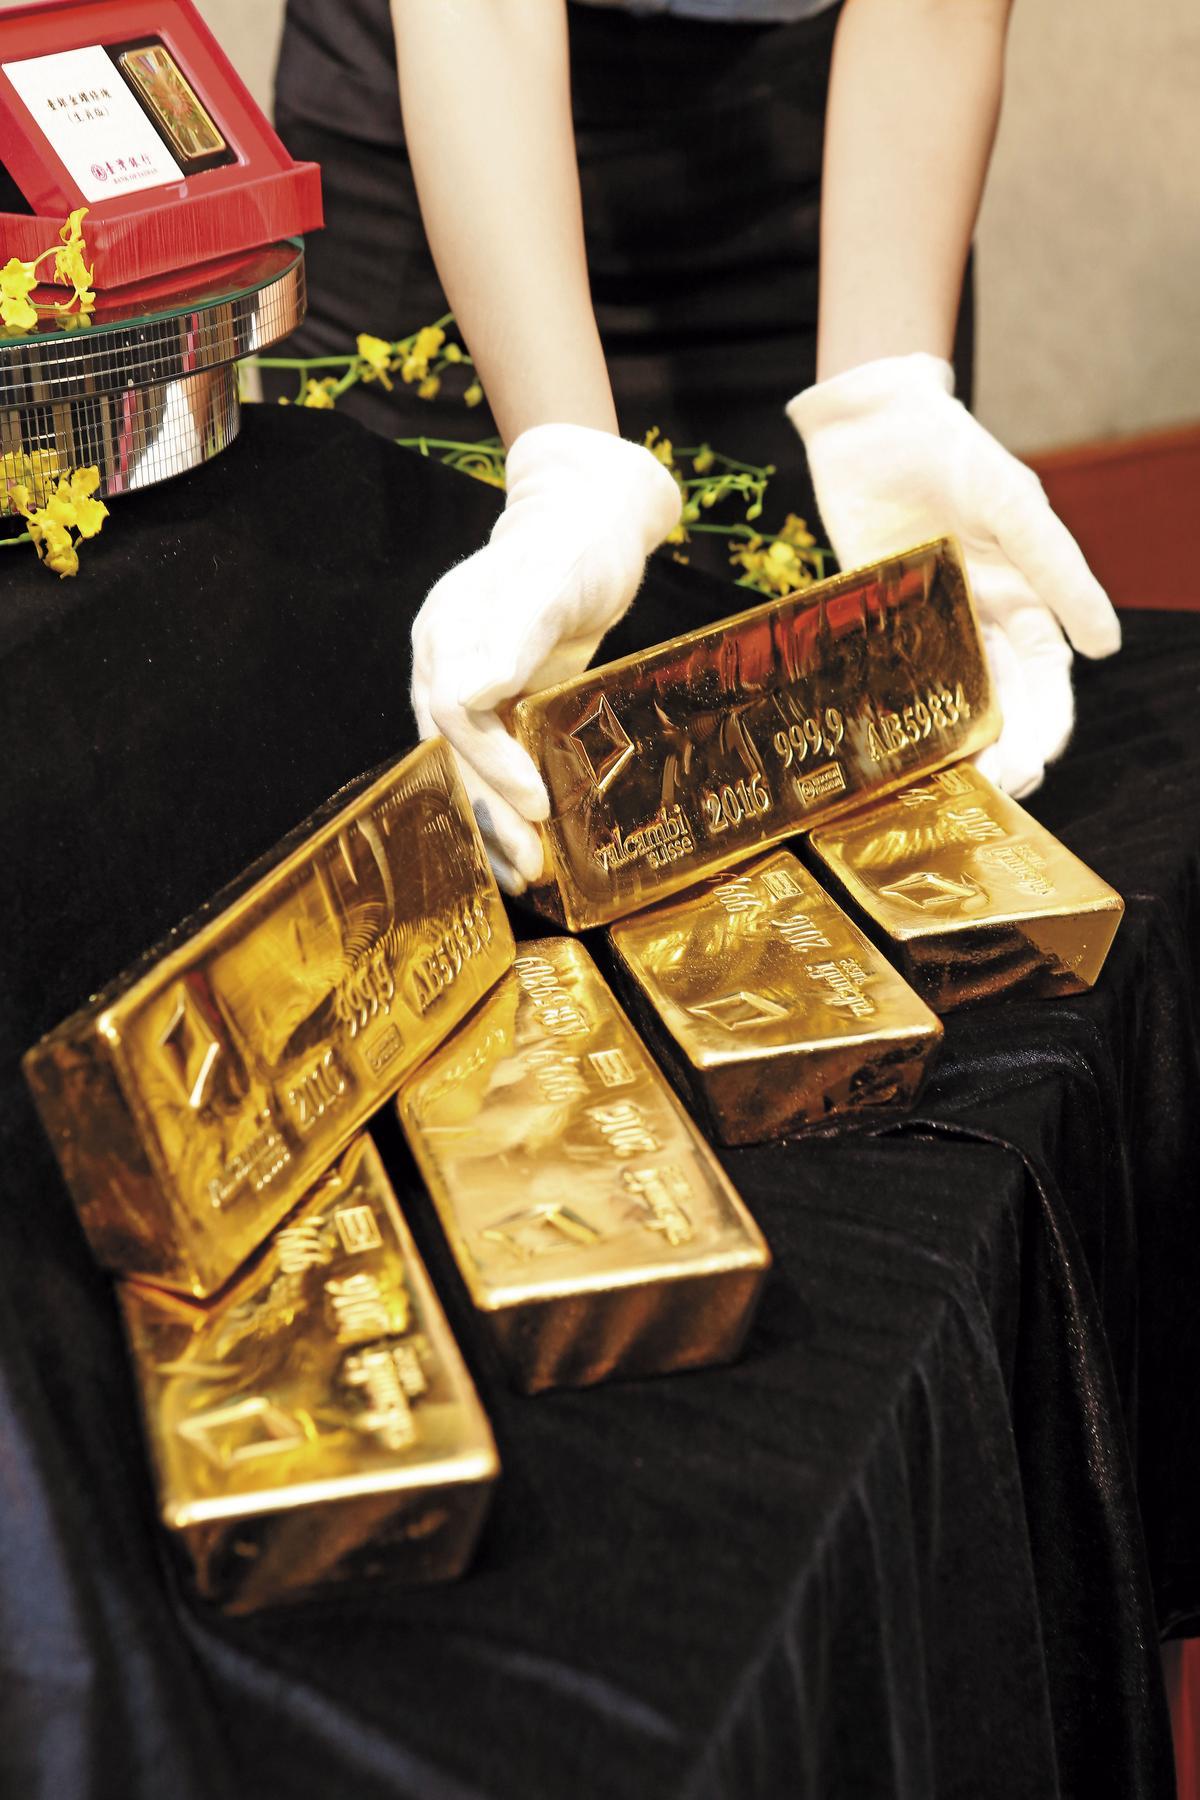 【紅包理財術】敖國珠讓孩子把紅包錢投入黃金存摺 - 鏡週刊